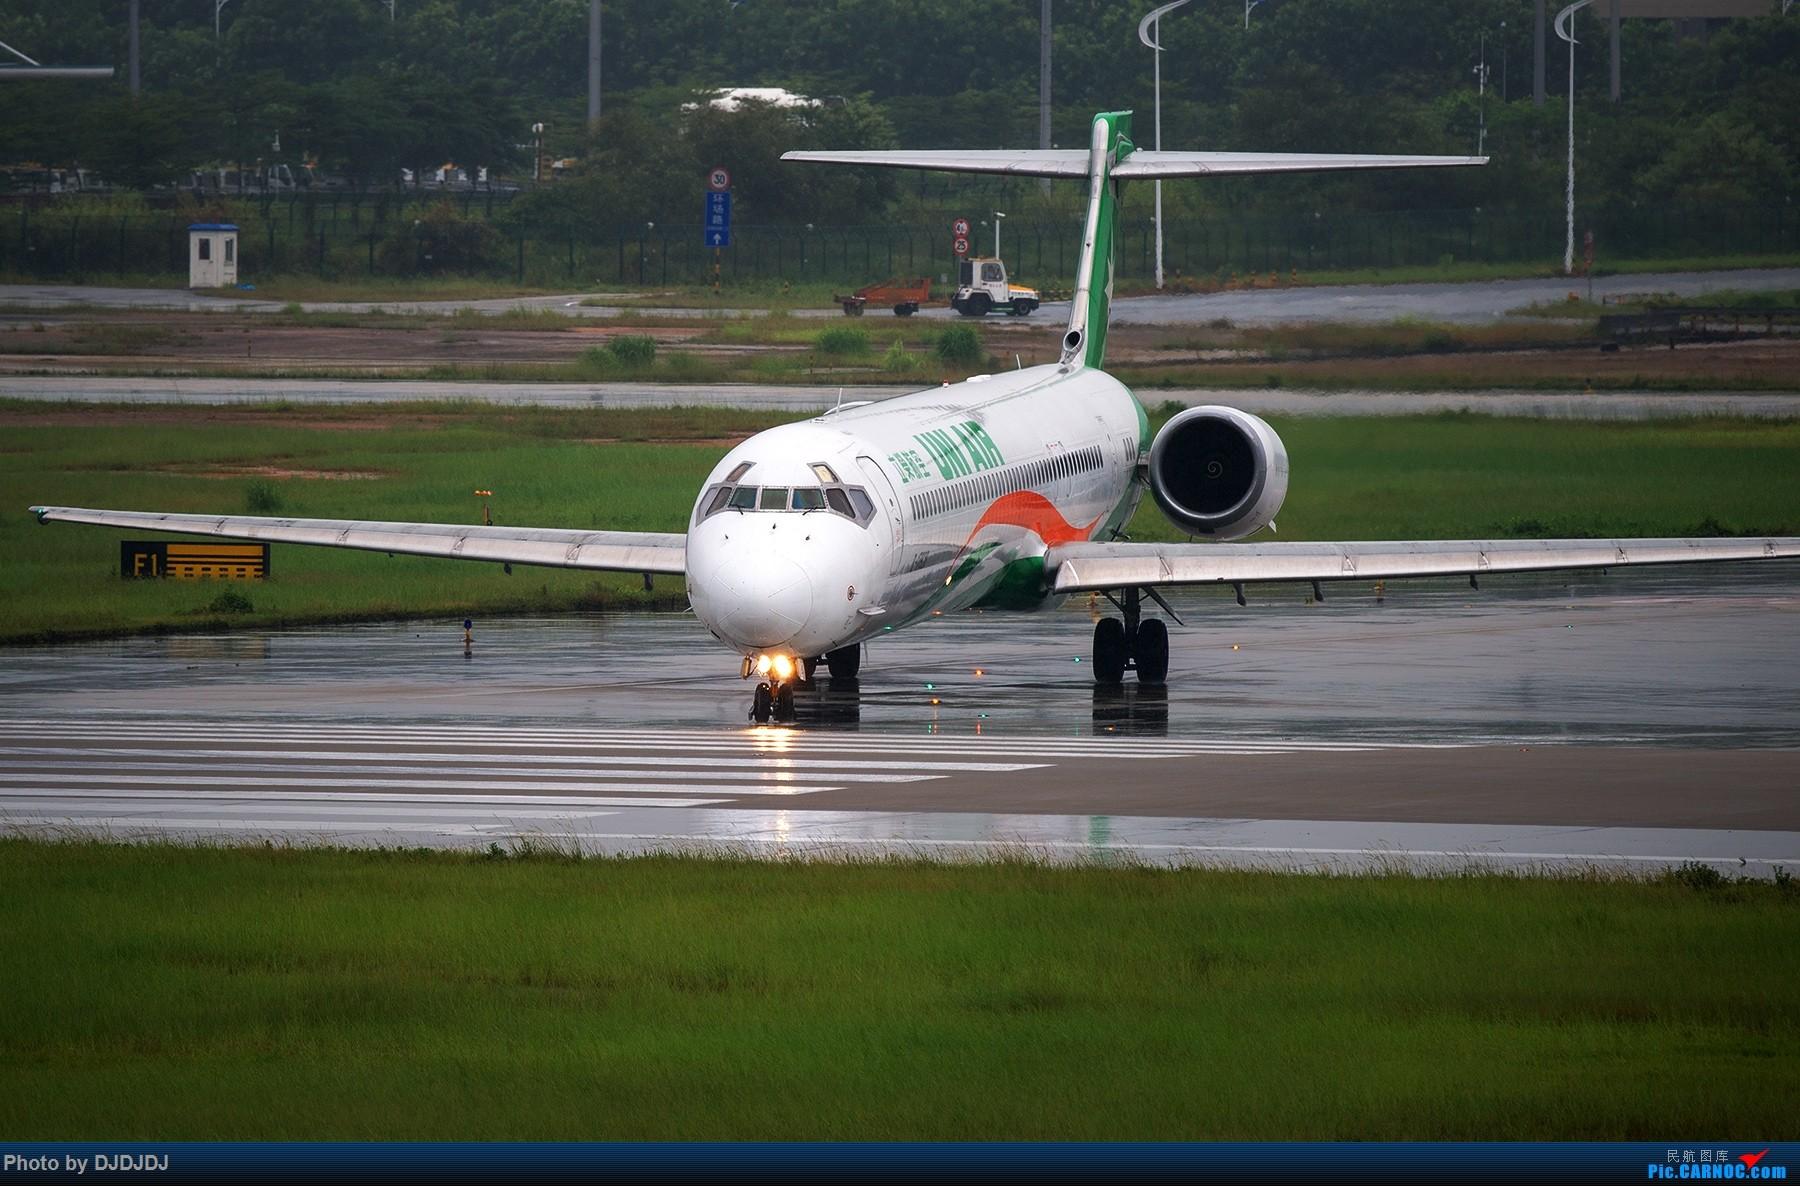 [原创]【BLDDQ】大雨,17920 MD MD-90-30 B-17920 中国广州白云国际机场